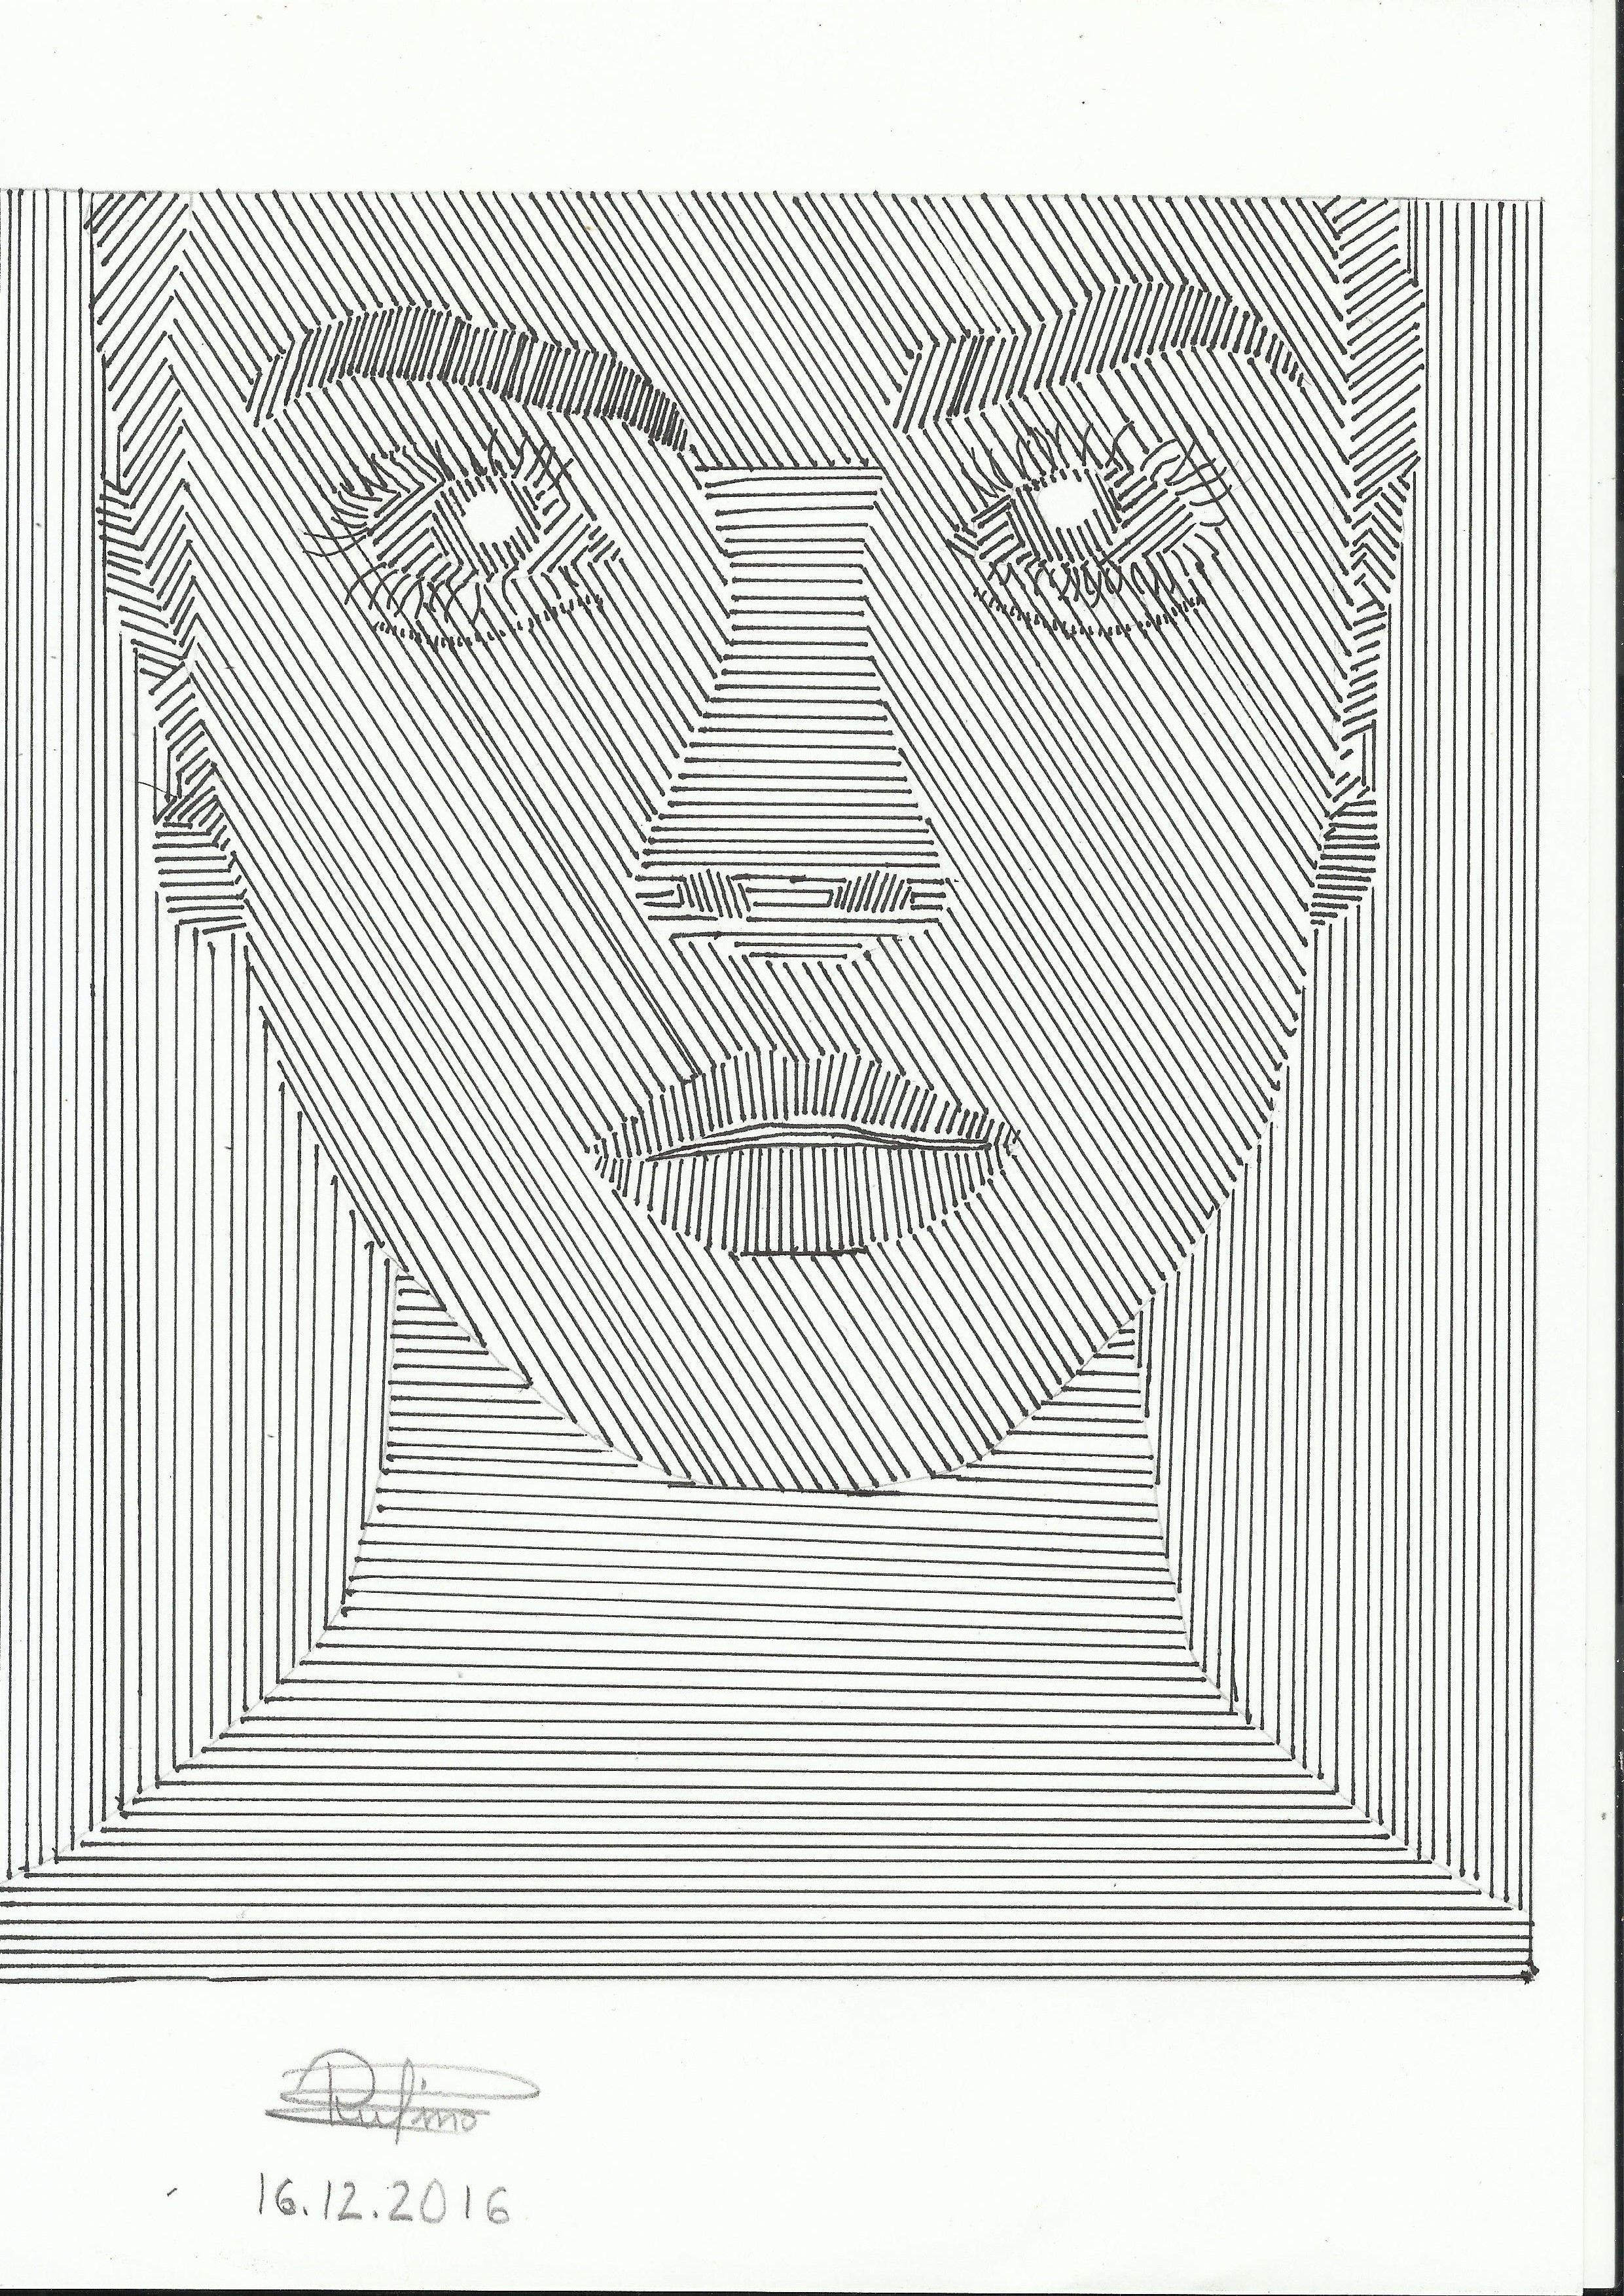 EJERCICIO 2 Dibujo de trama lineal realizado con regla y